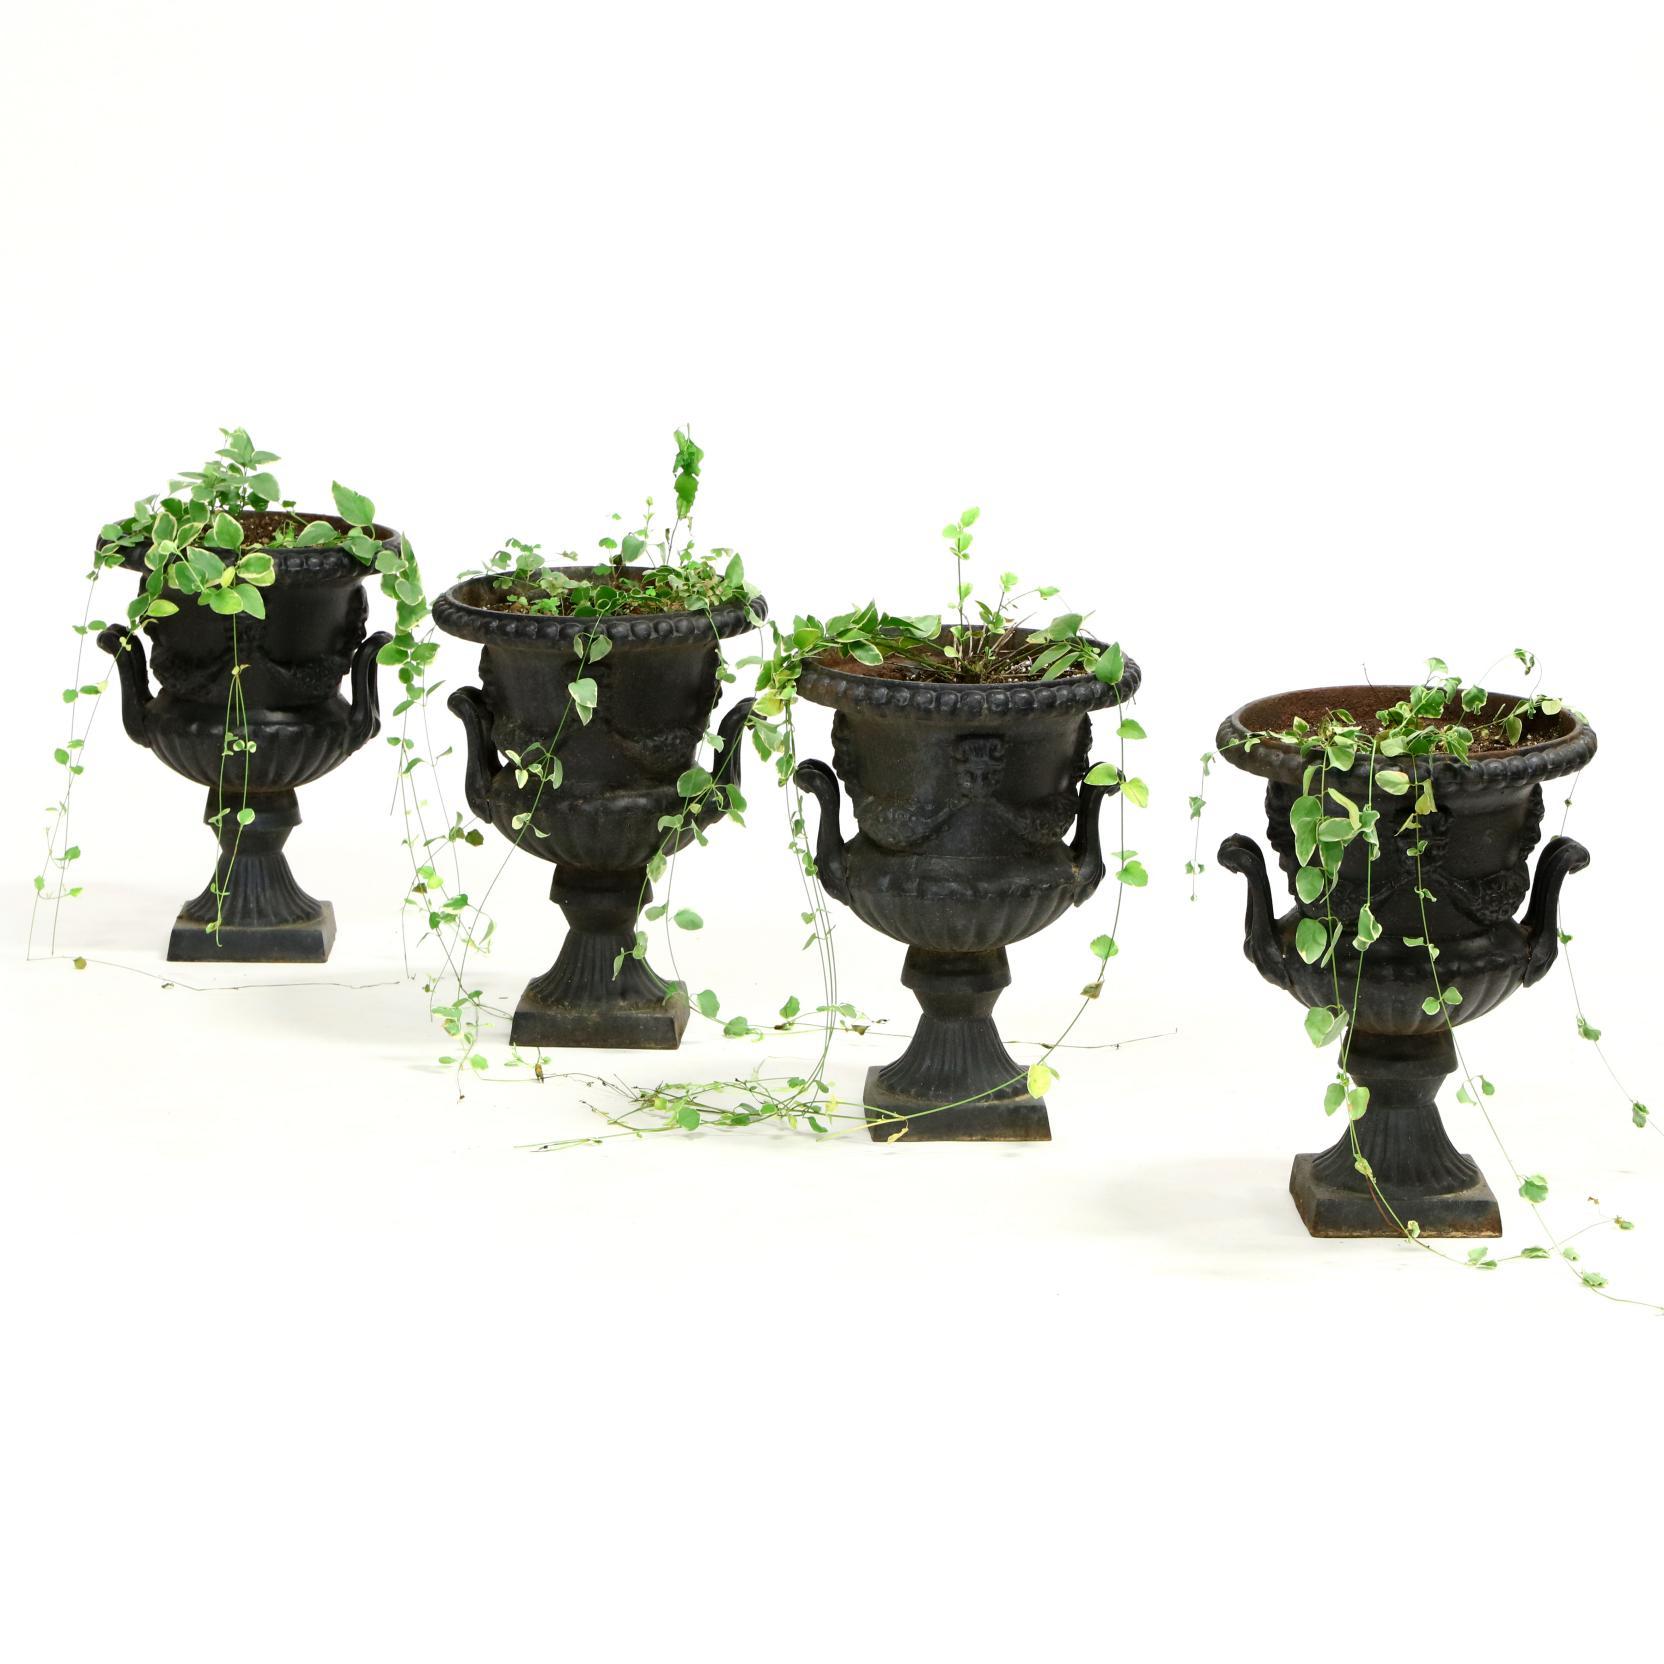 four-diminutive-cast-iron-urns